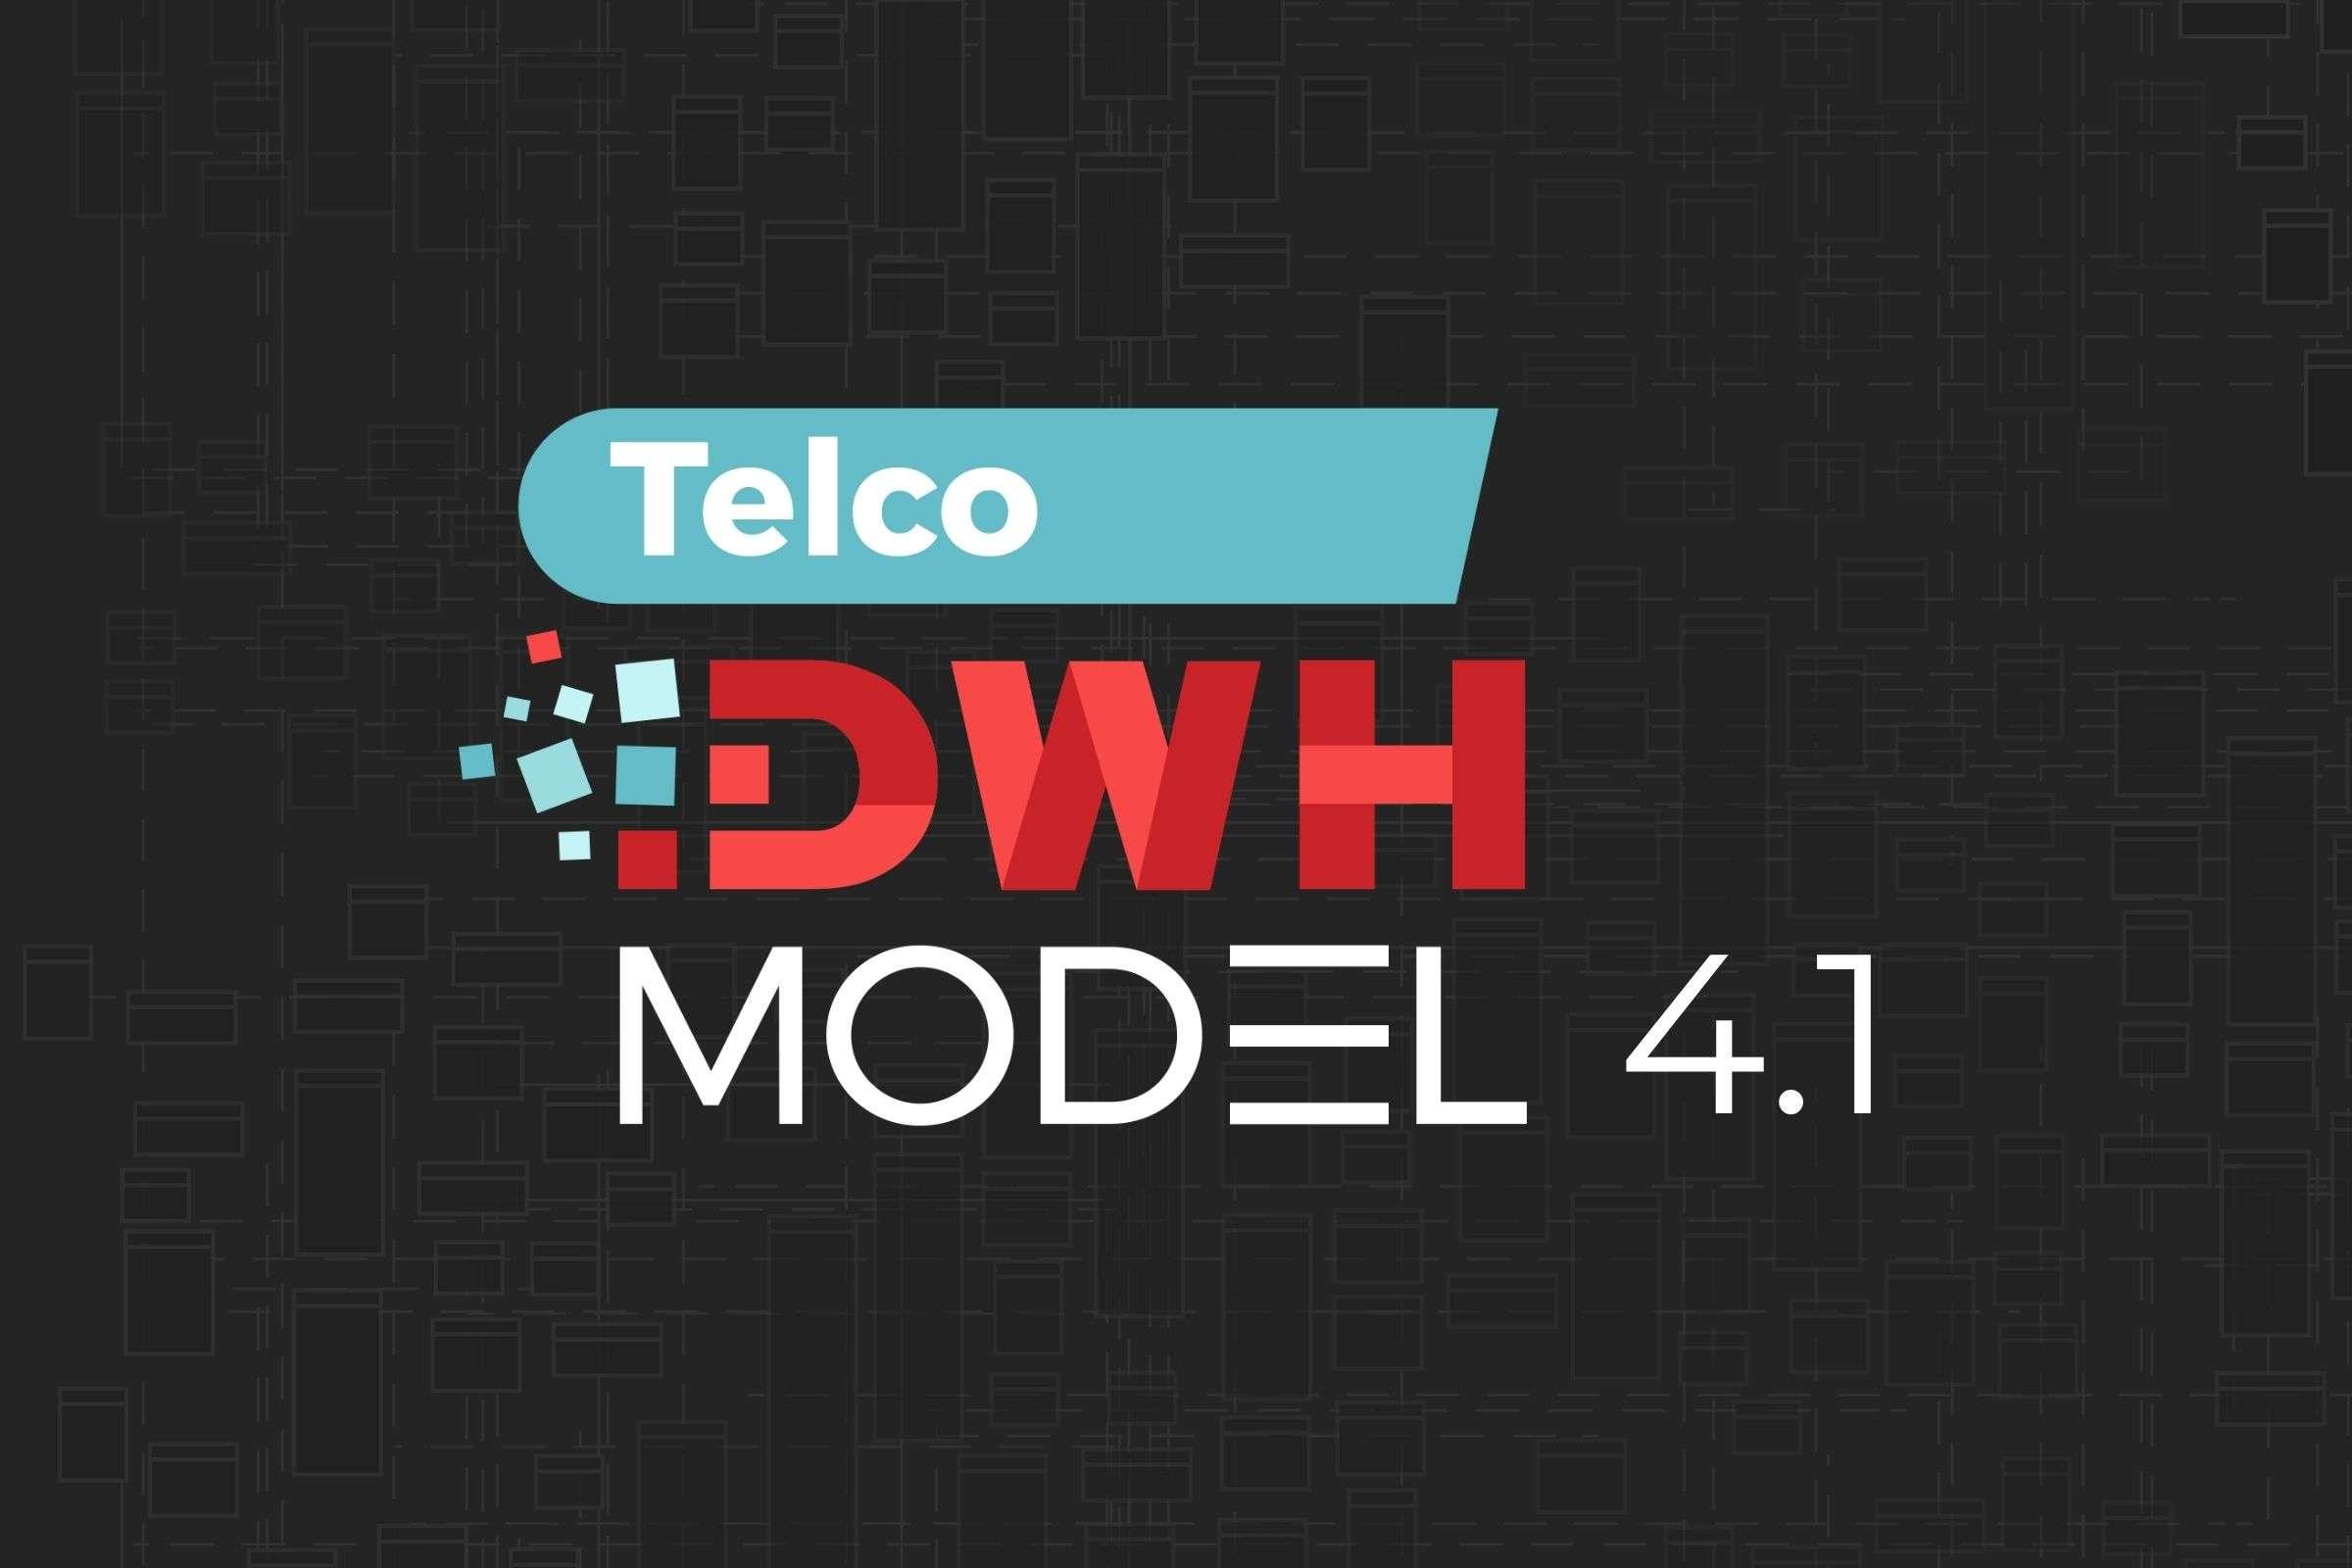 Telco DWH model 4.1